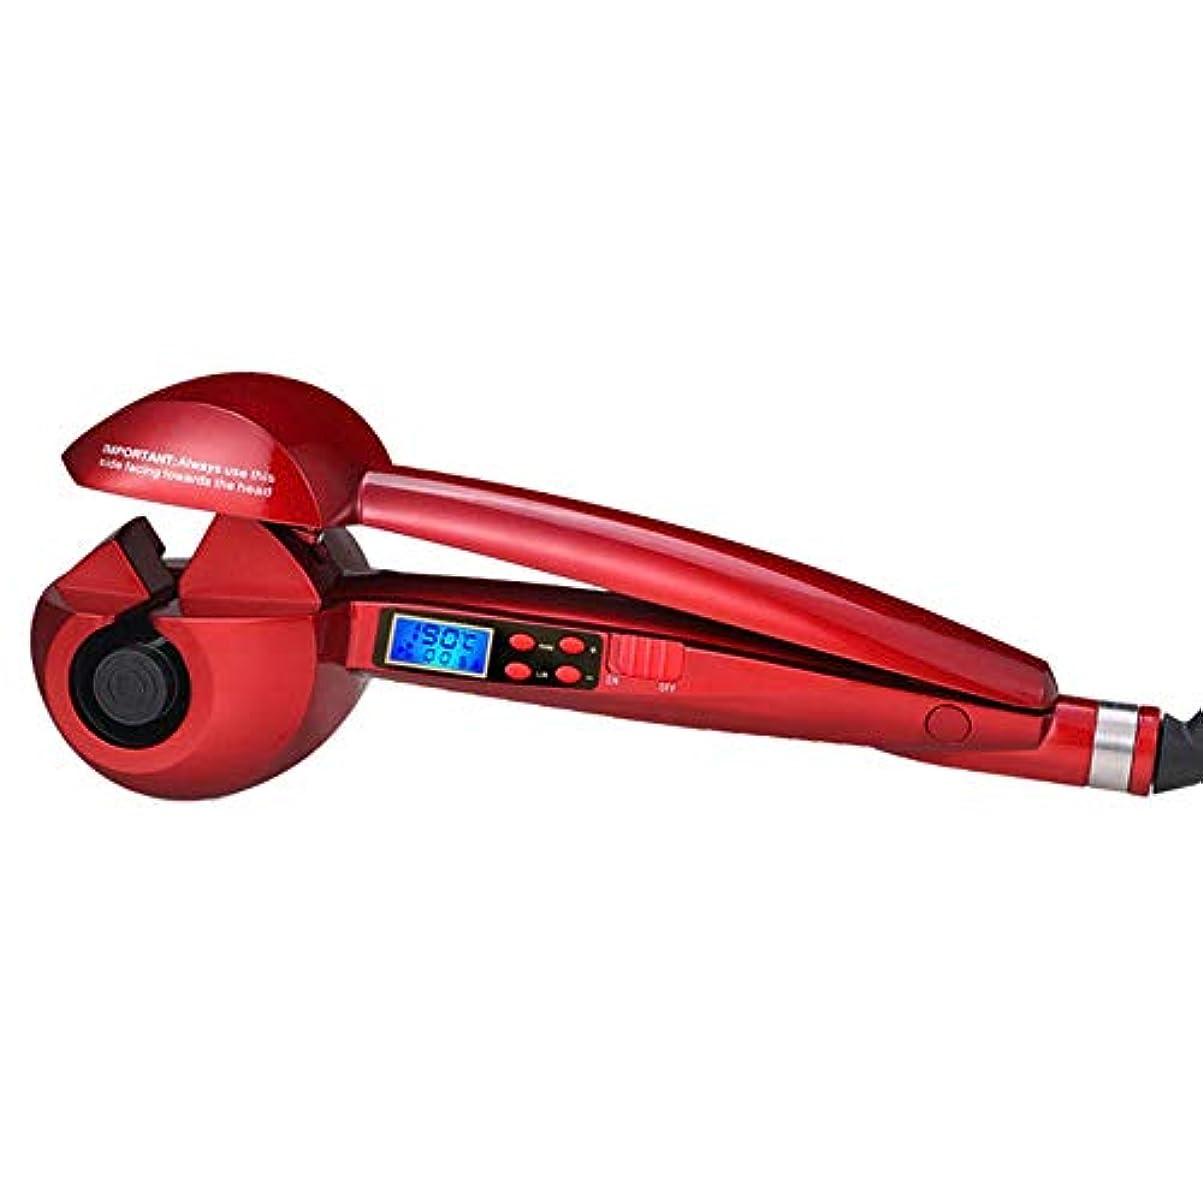 腹蚊造船LCD表示の温度調整の自動陶磁器のヘア?カーラー、自動ヘア?カーラー モデリングツール (色 : レッド)